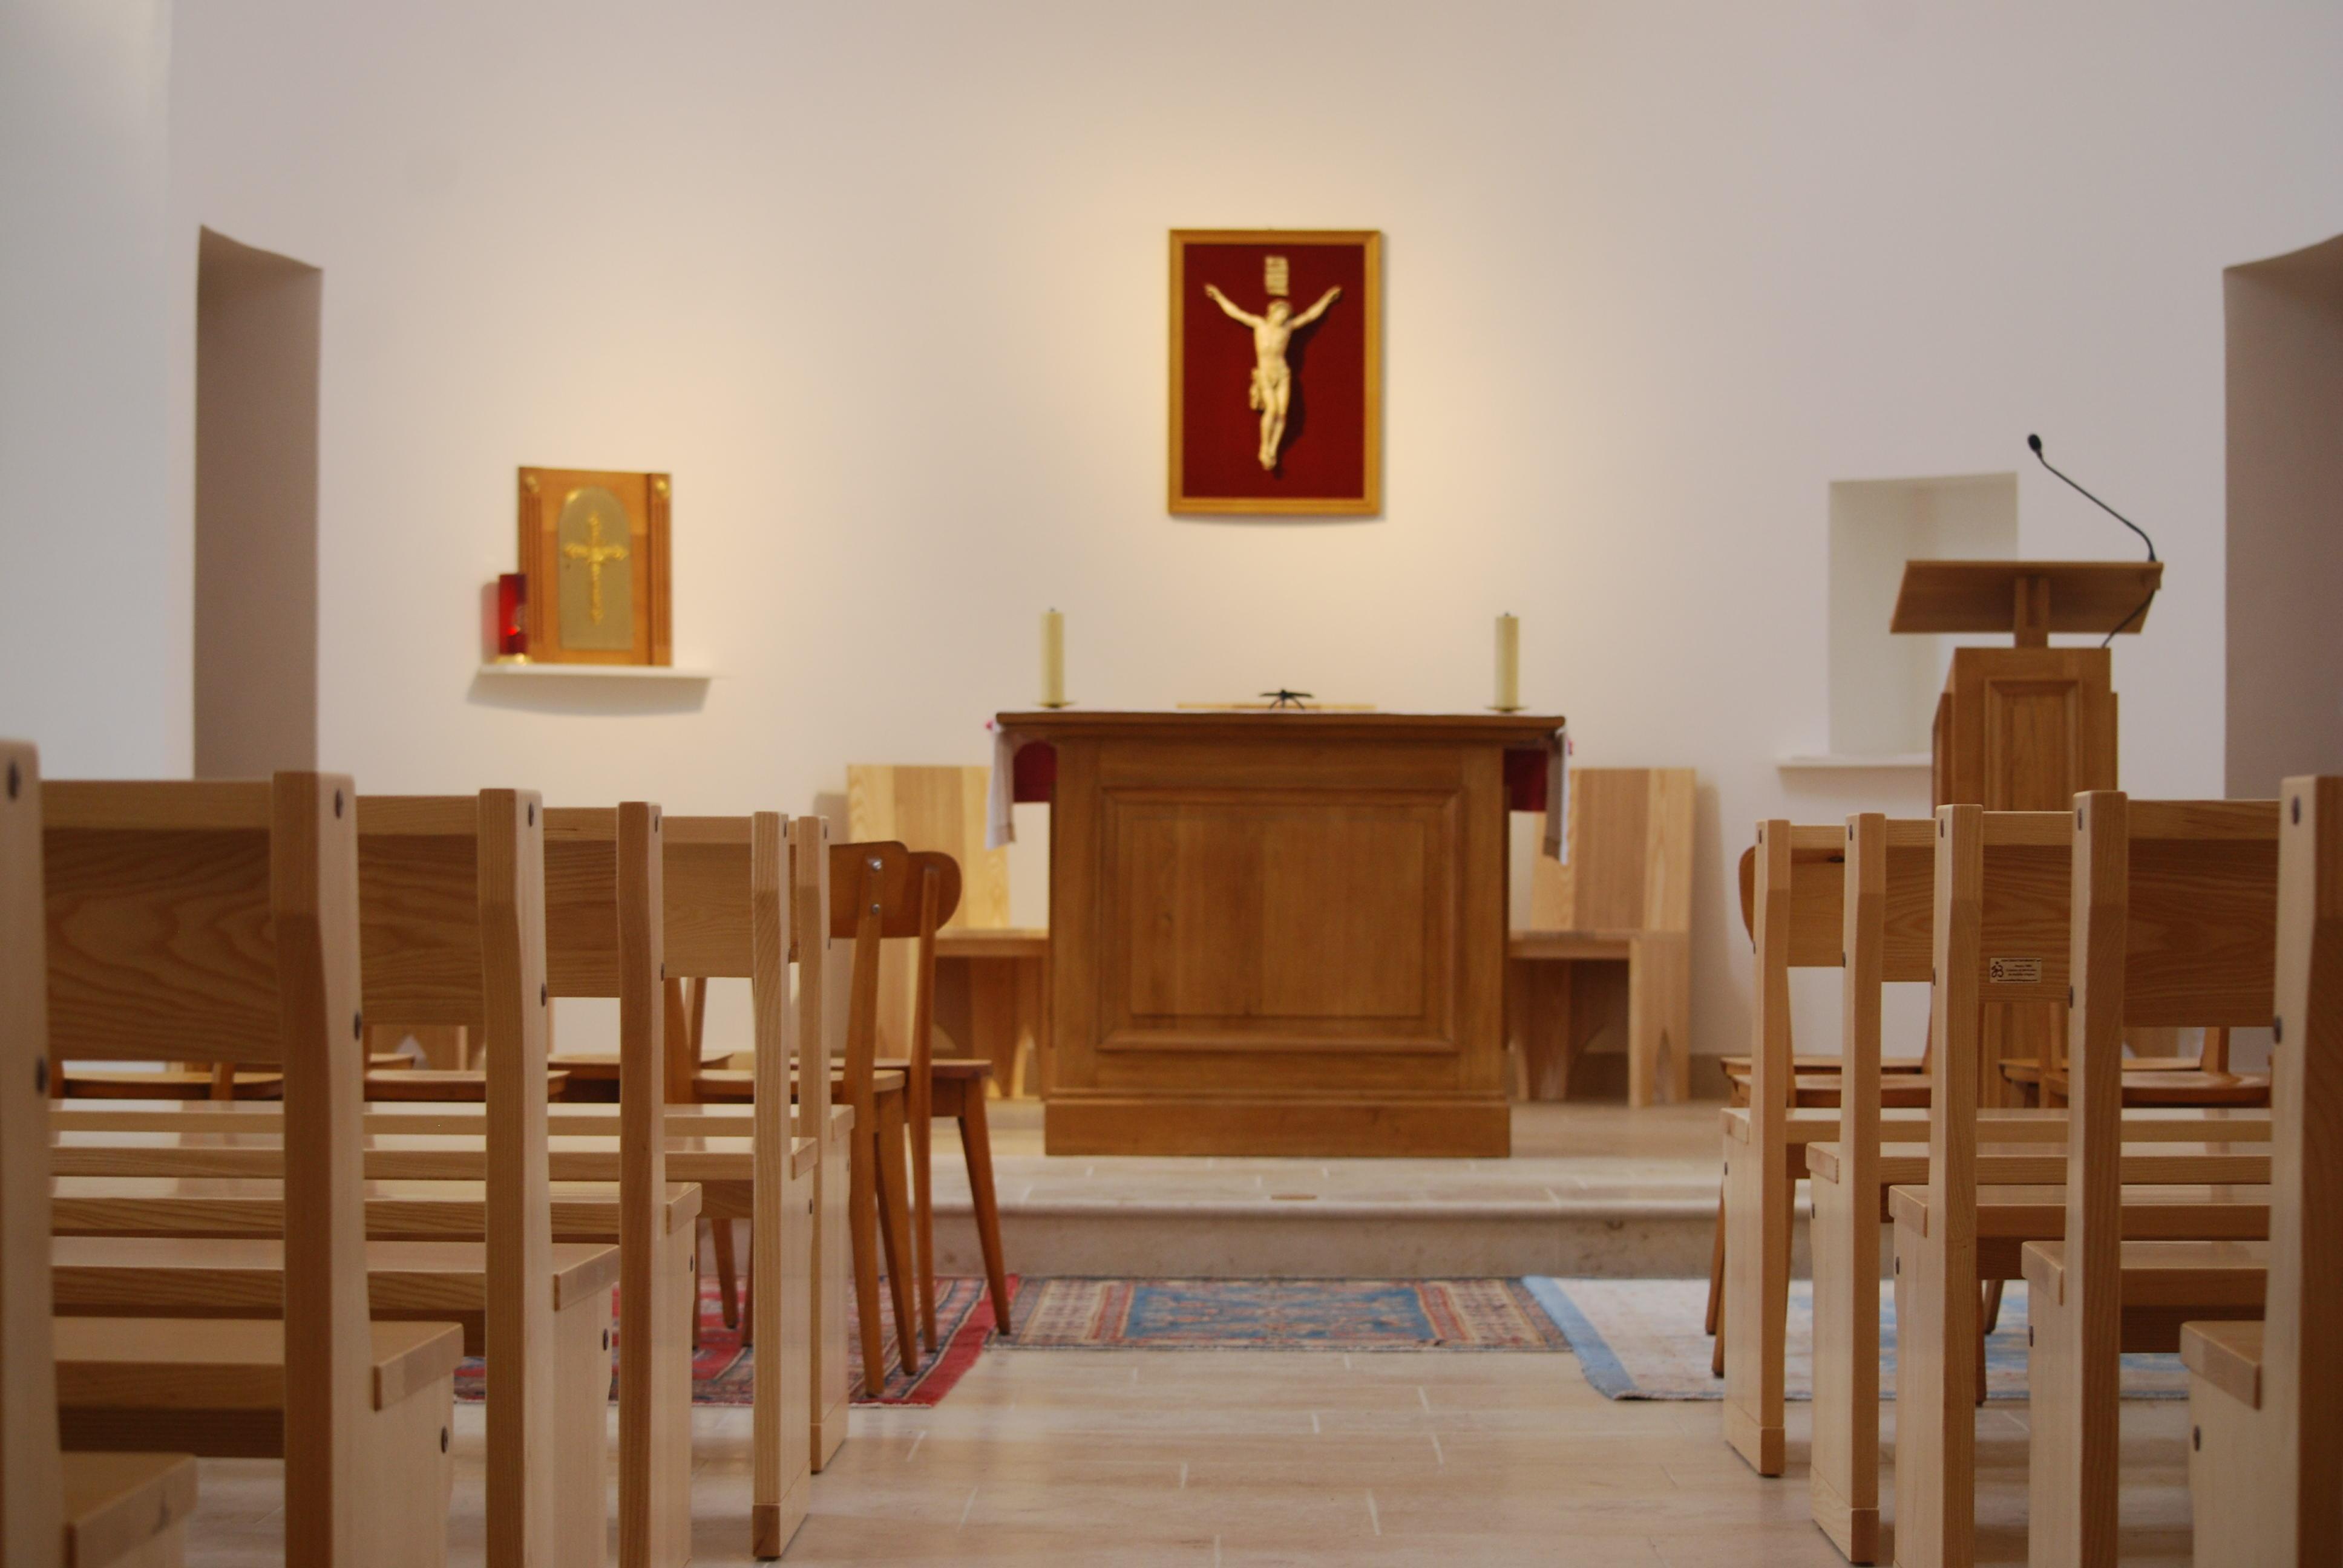 2017 03 23 Bénédiction chapelle rénovée de Chézelles